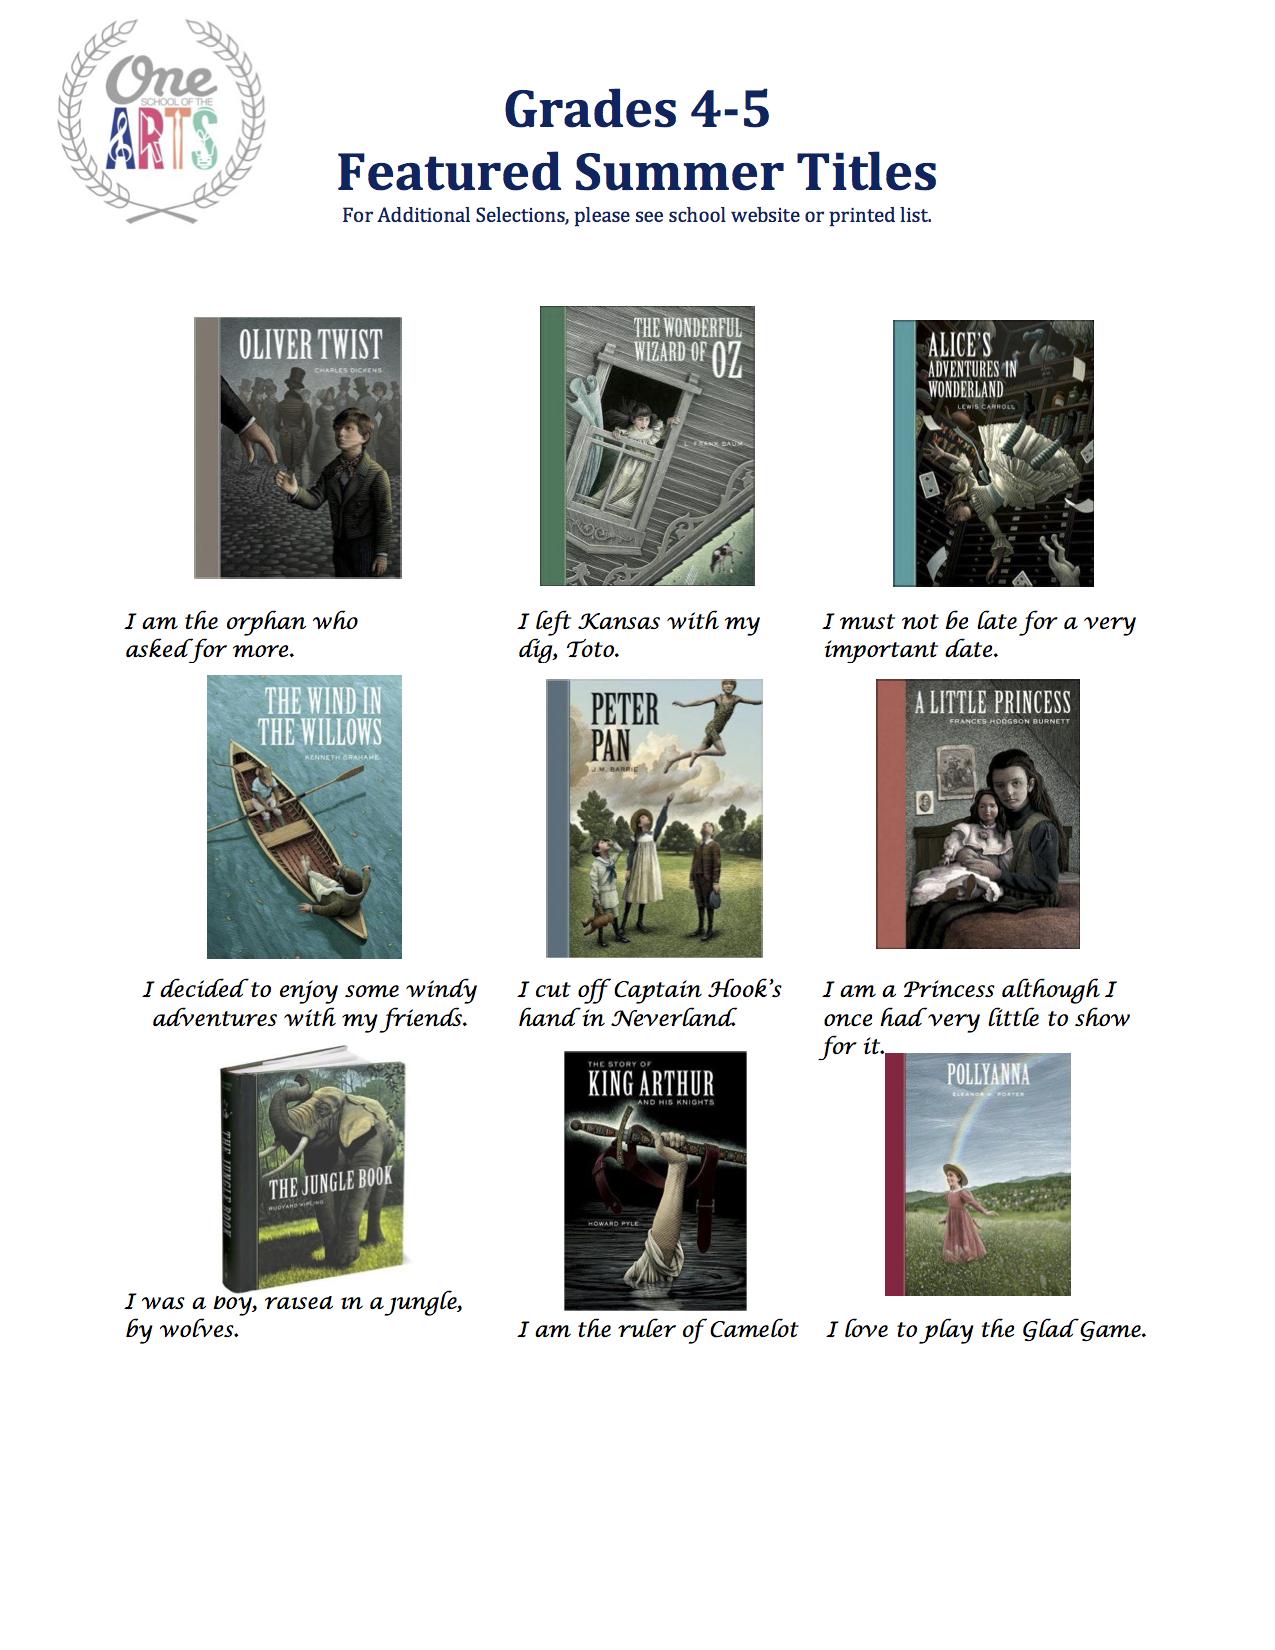 Grades 4 -5 Featured Titles 2015.jpeg